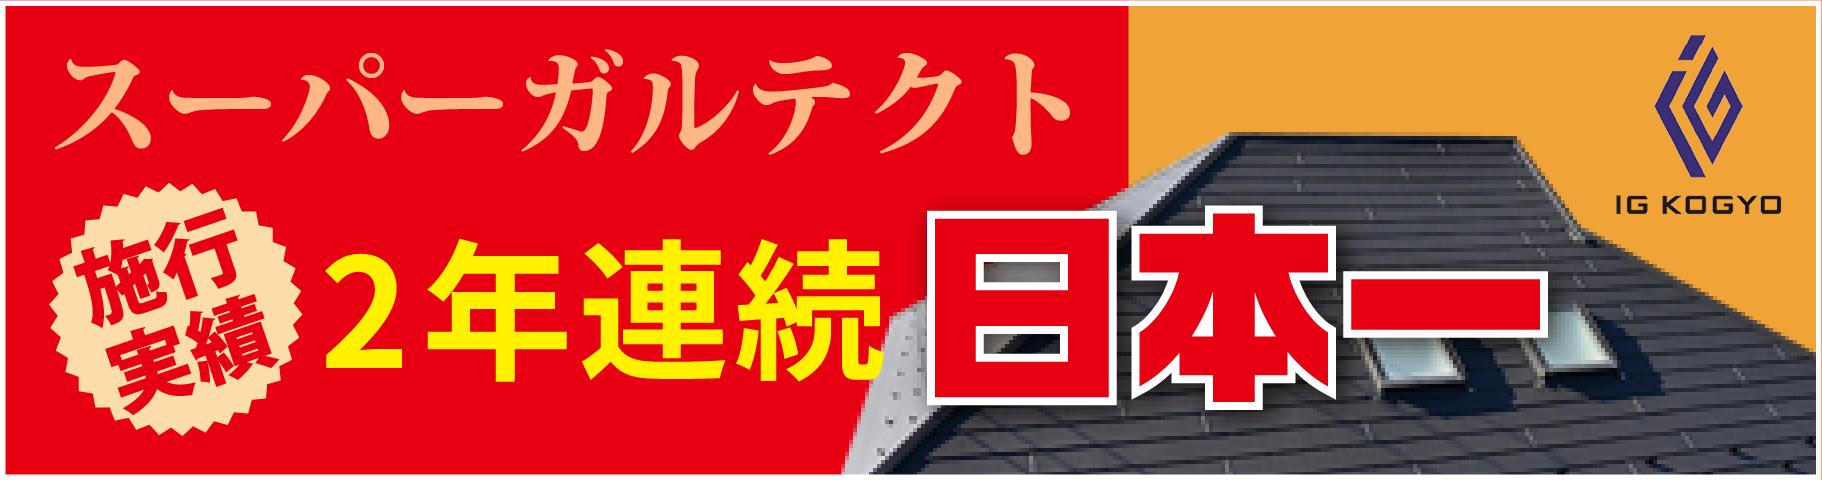 スーパーガルテクト施工実績日本一